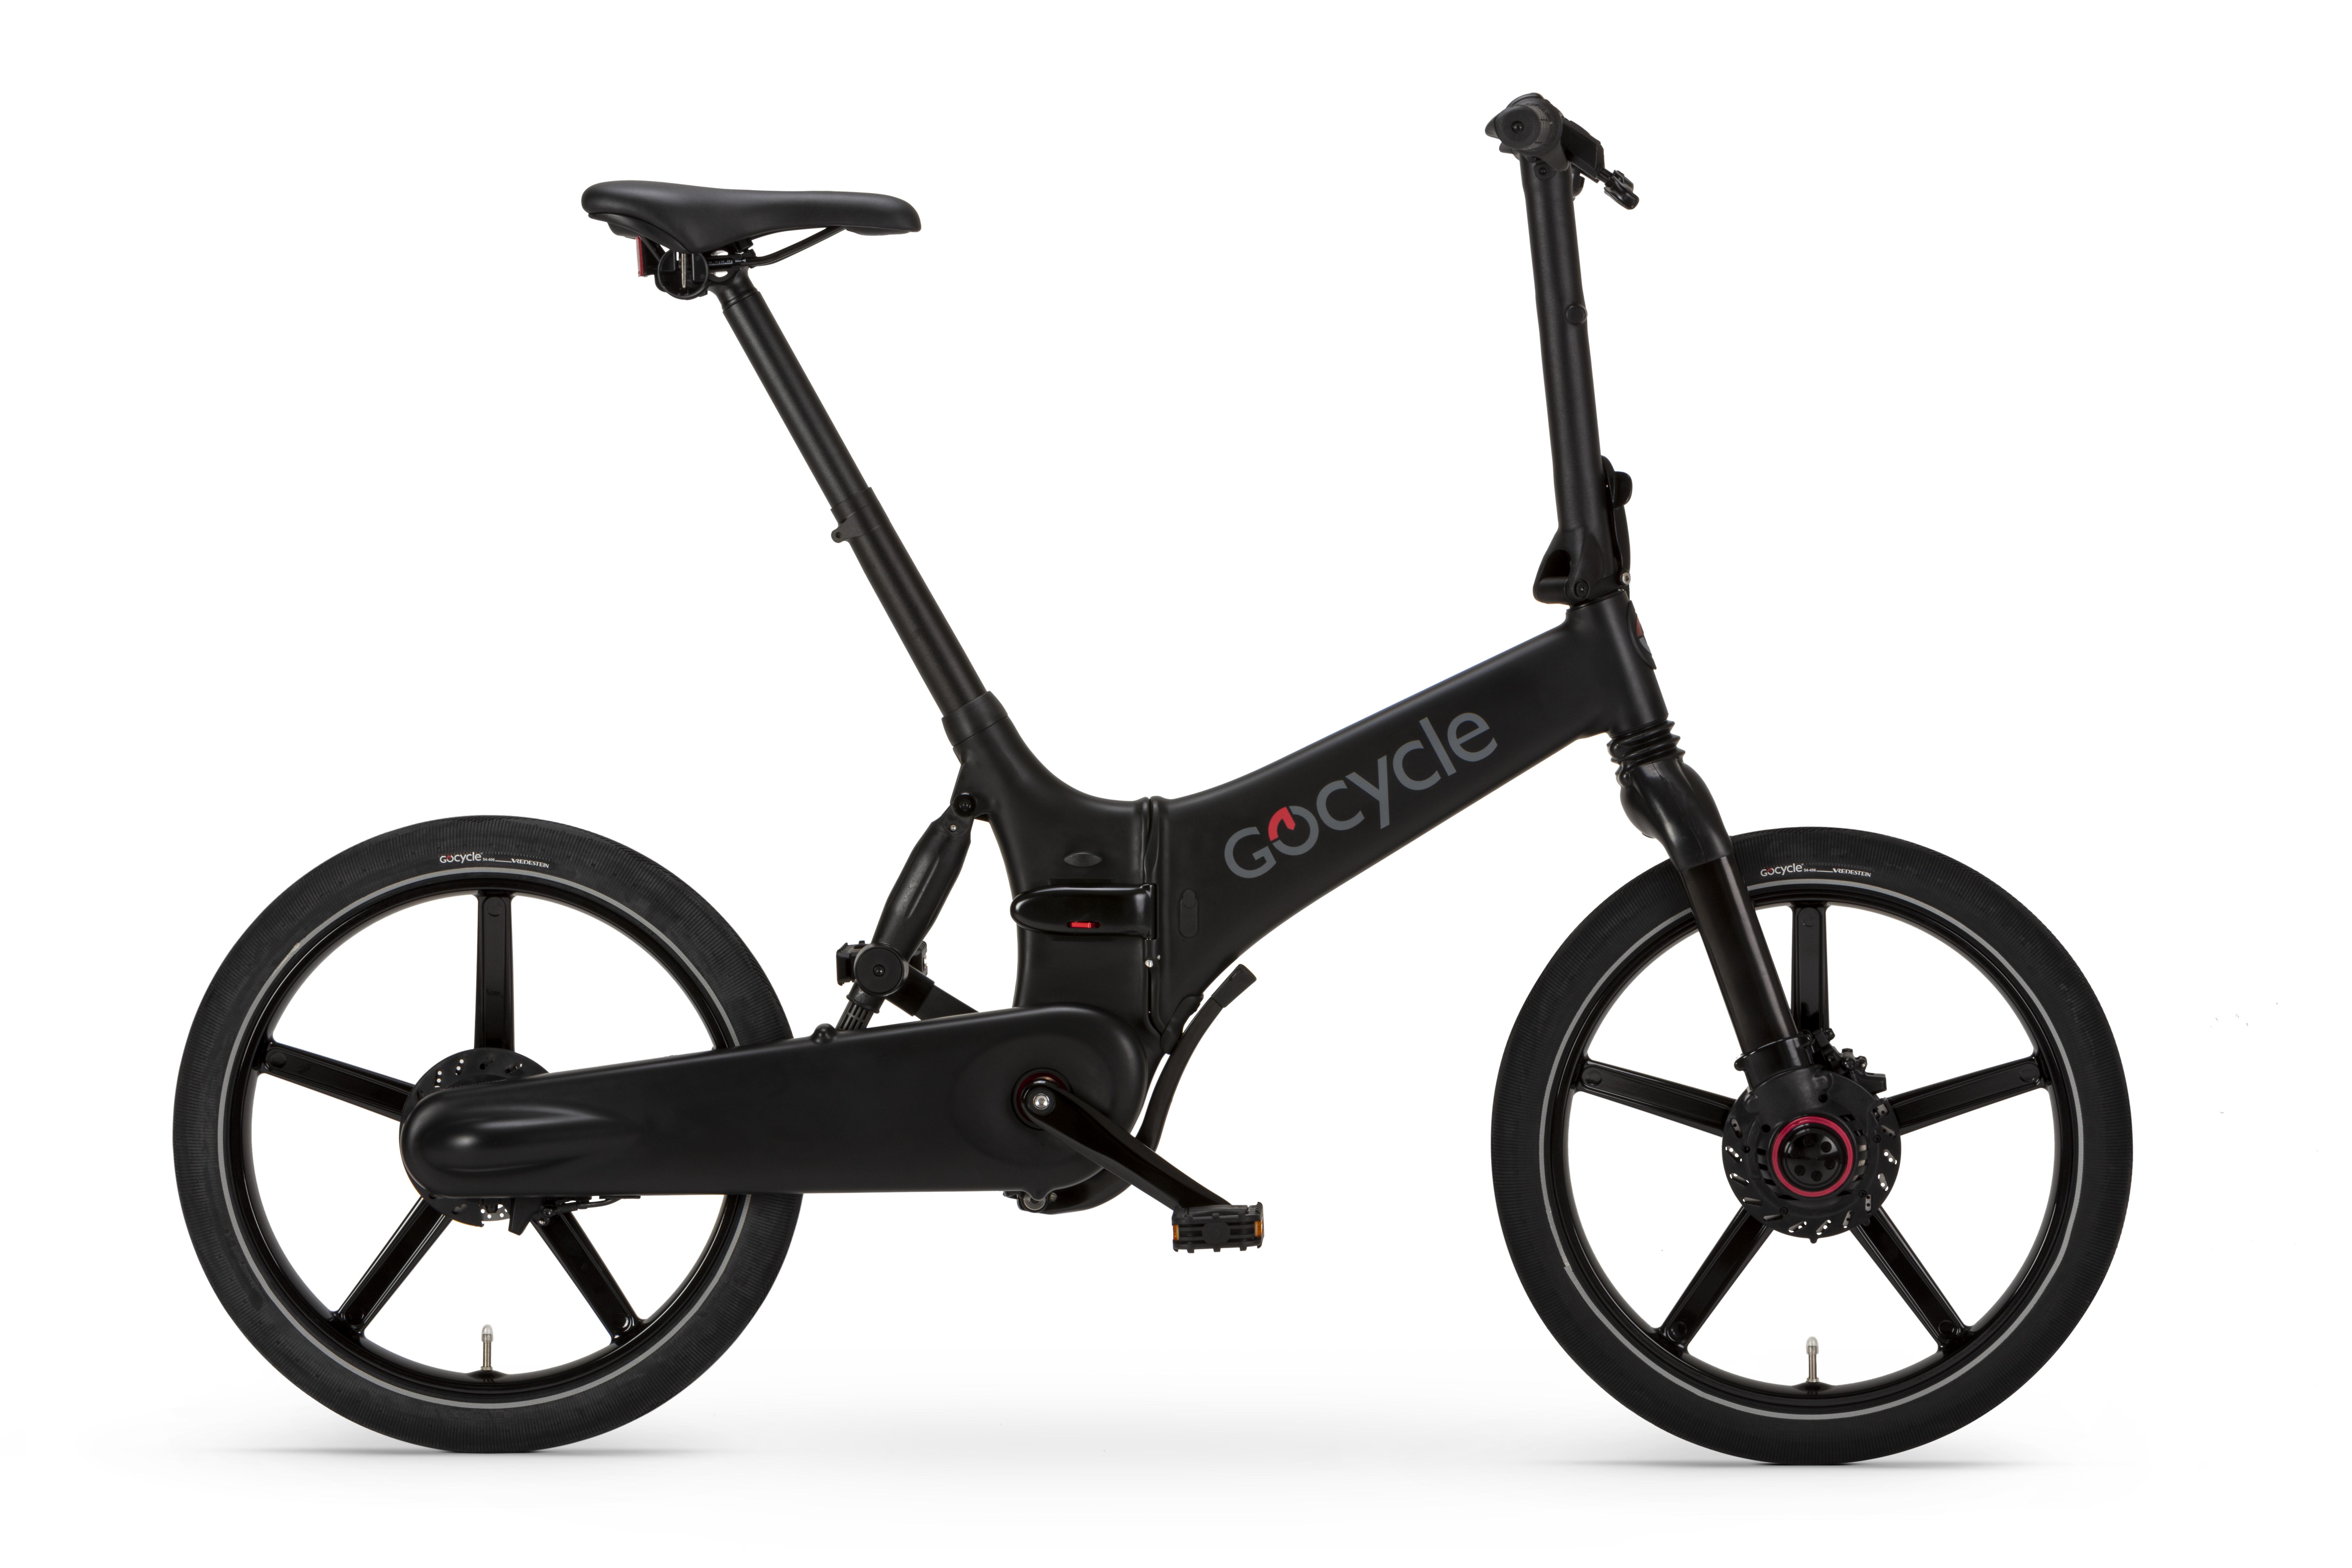 Gocycle GX vélo électrique pliant